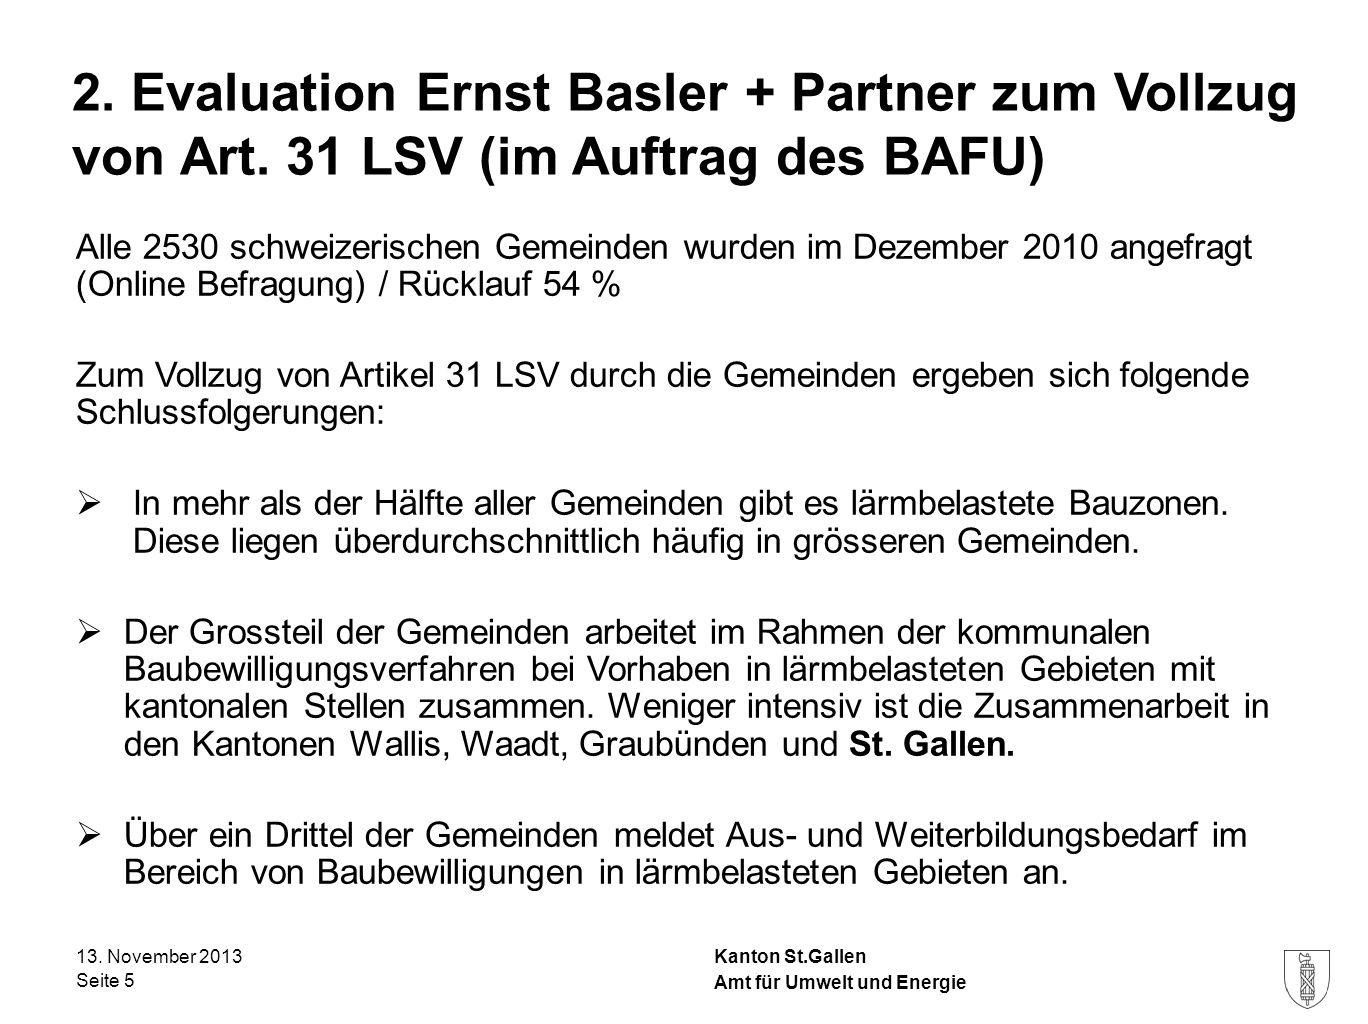 Kanton St.Gallen 2. Evaluation Ernst Basler + Partner zum Vollzug von Art. 31 LSV (im Auftrag des BAFU) Alle 2530 schweizerischen Gemeinden wurden im